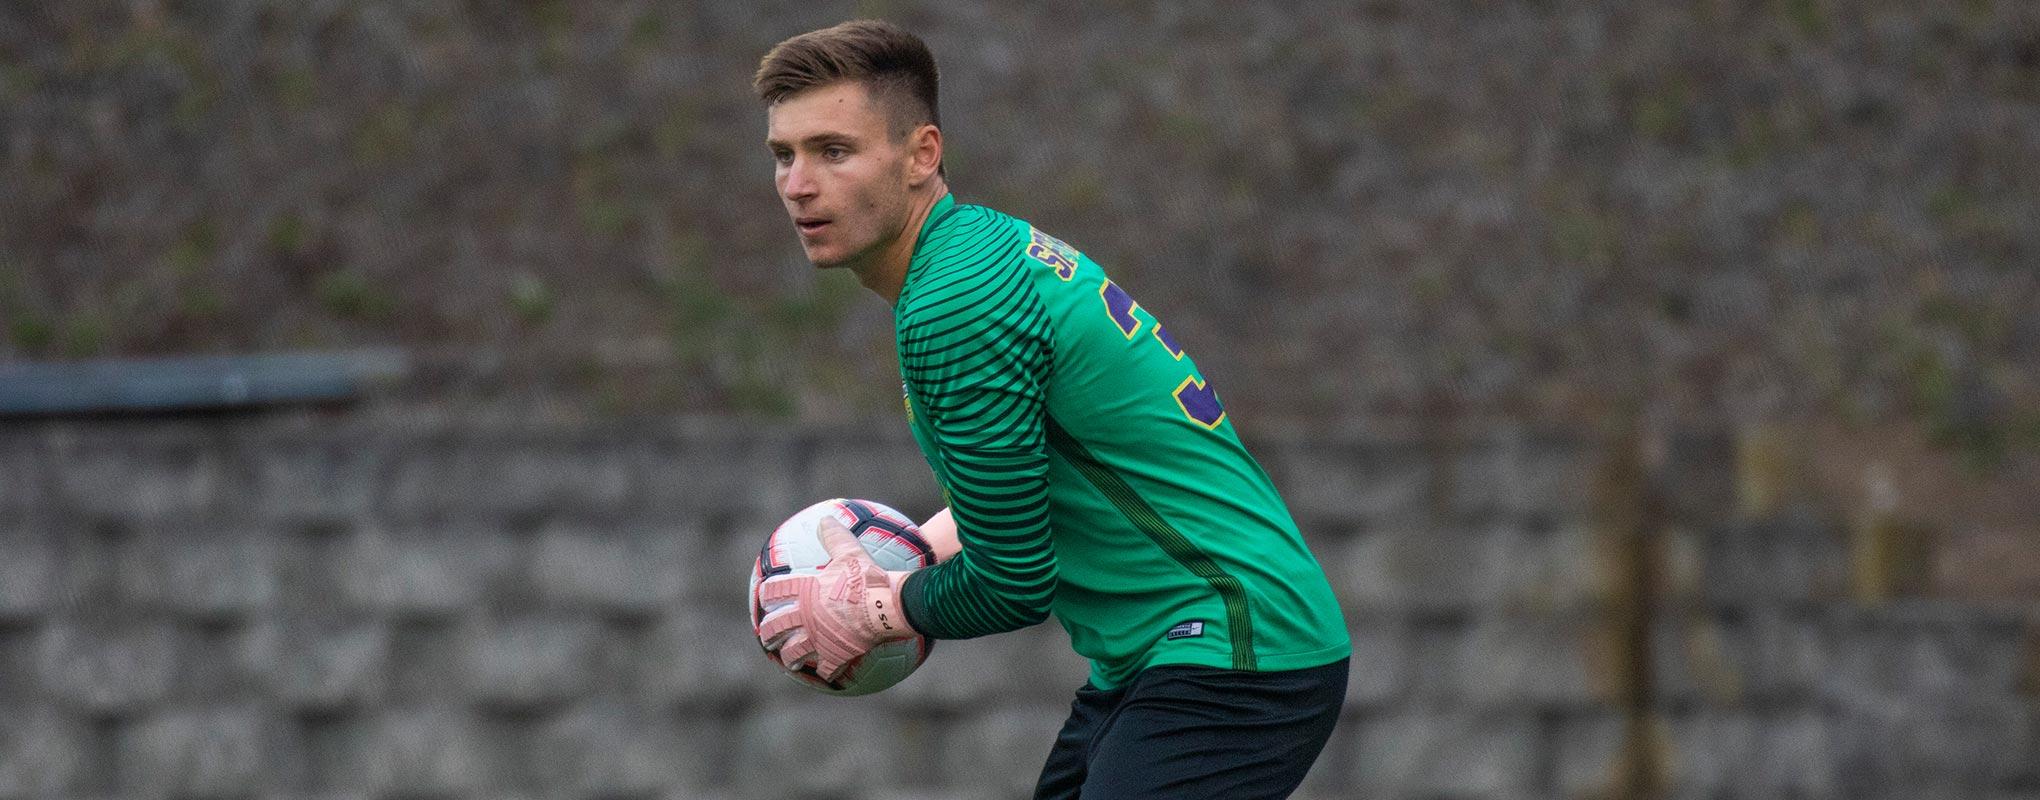 Soccer player Peter Swinkels holding soccer ball